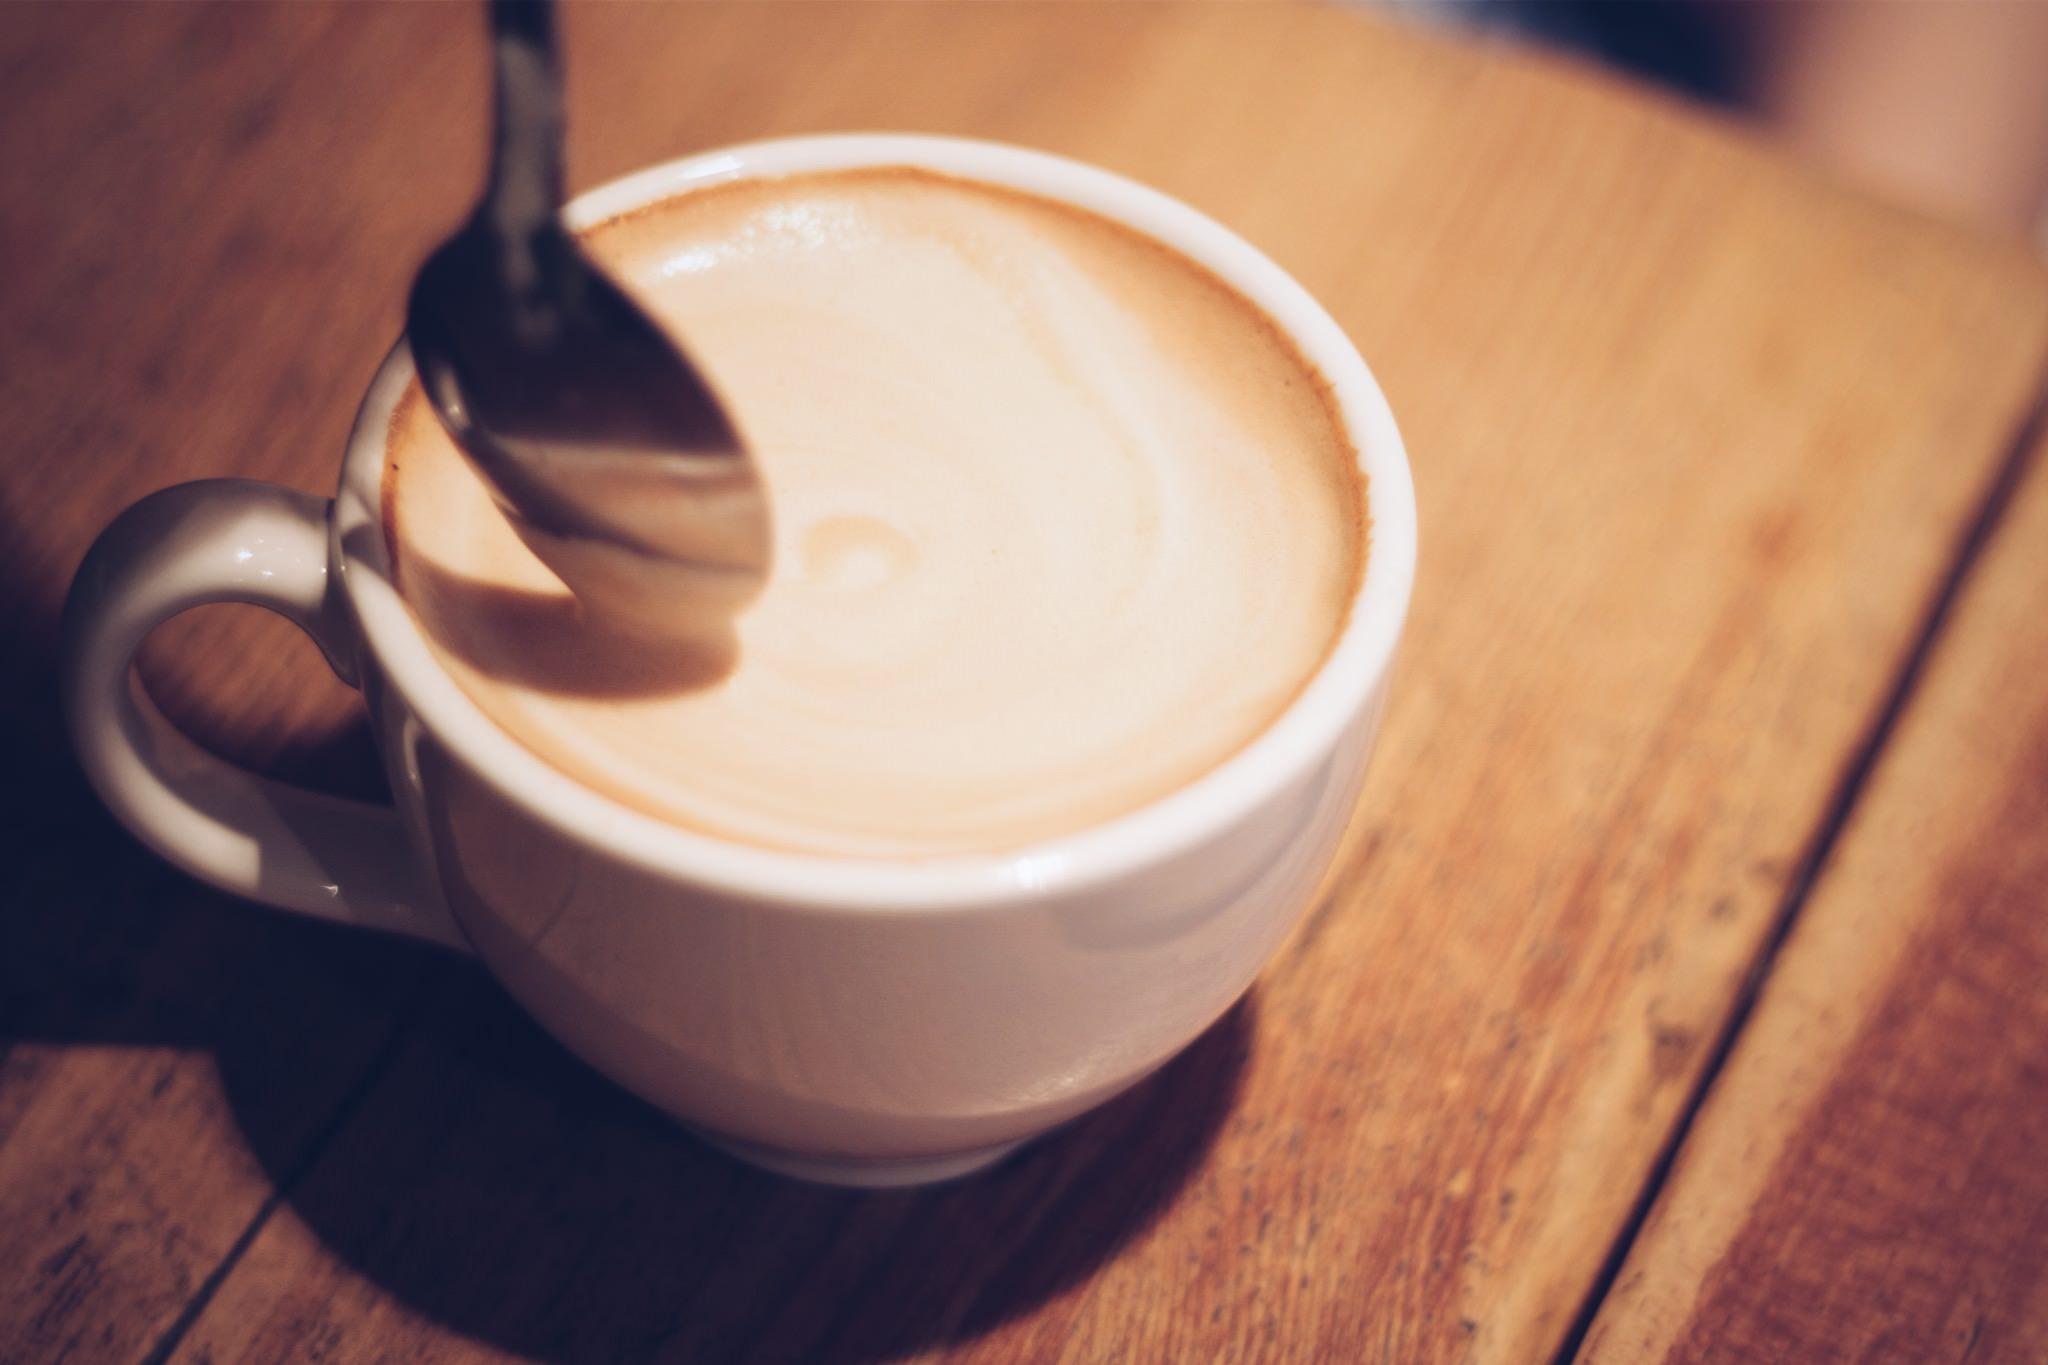 海浜幕張はおしゃれなカフェが多い!ランチやスイーツのおすすめも紹介!